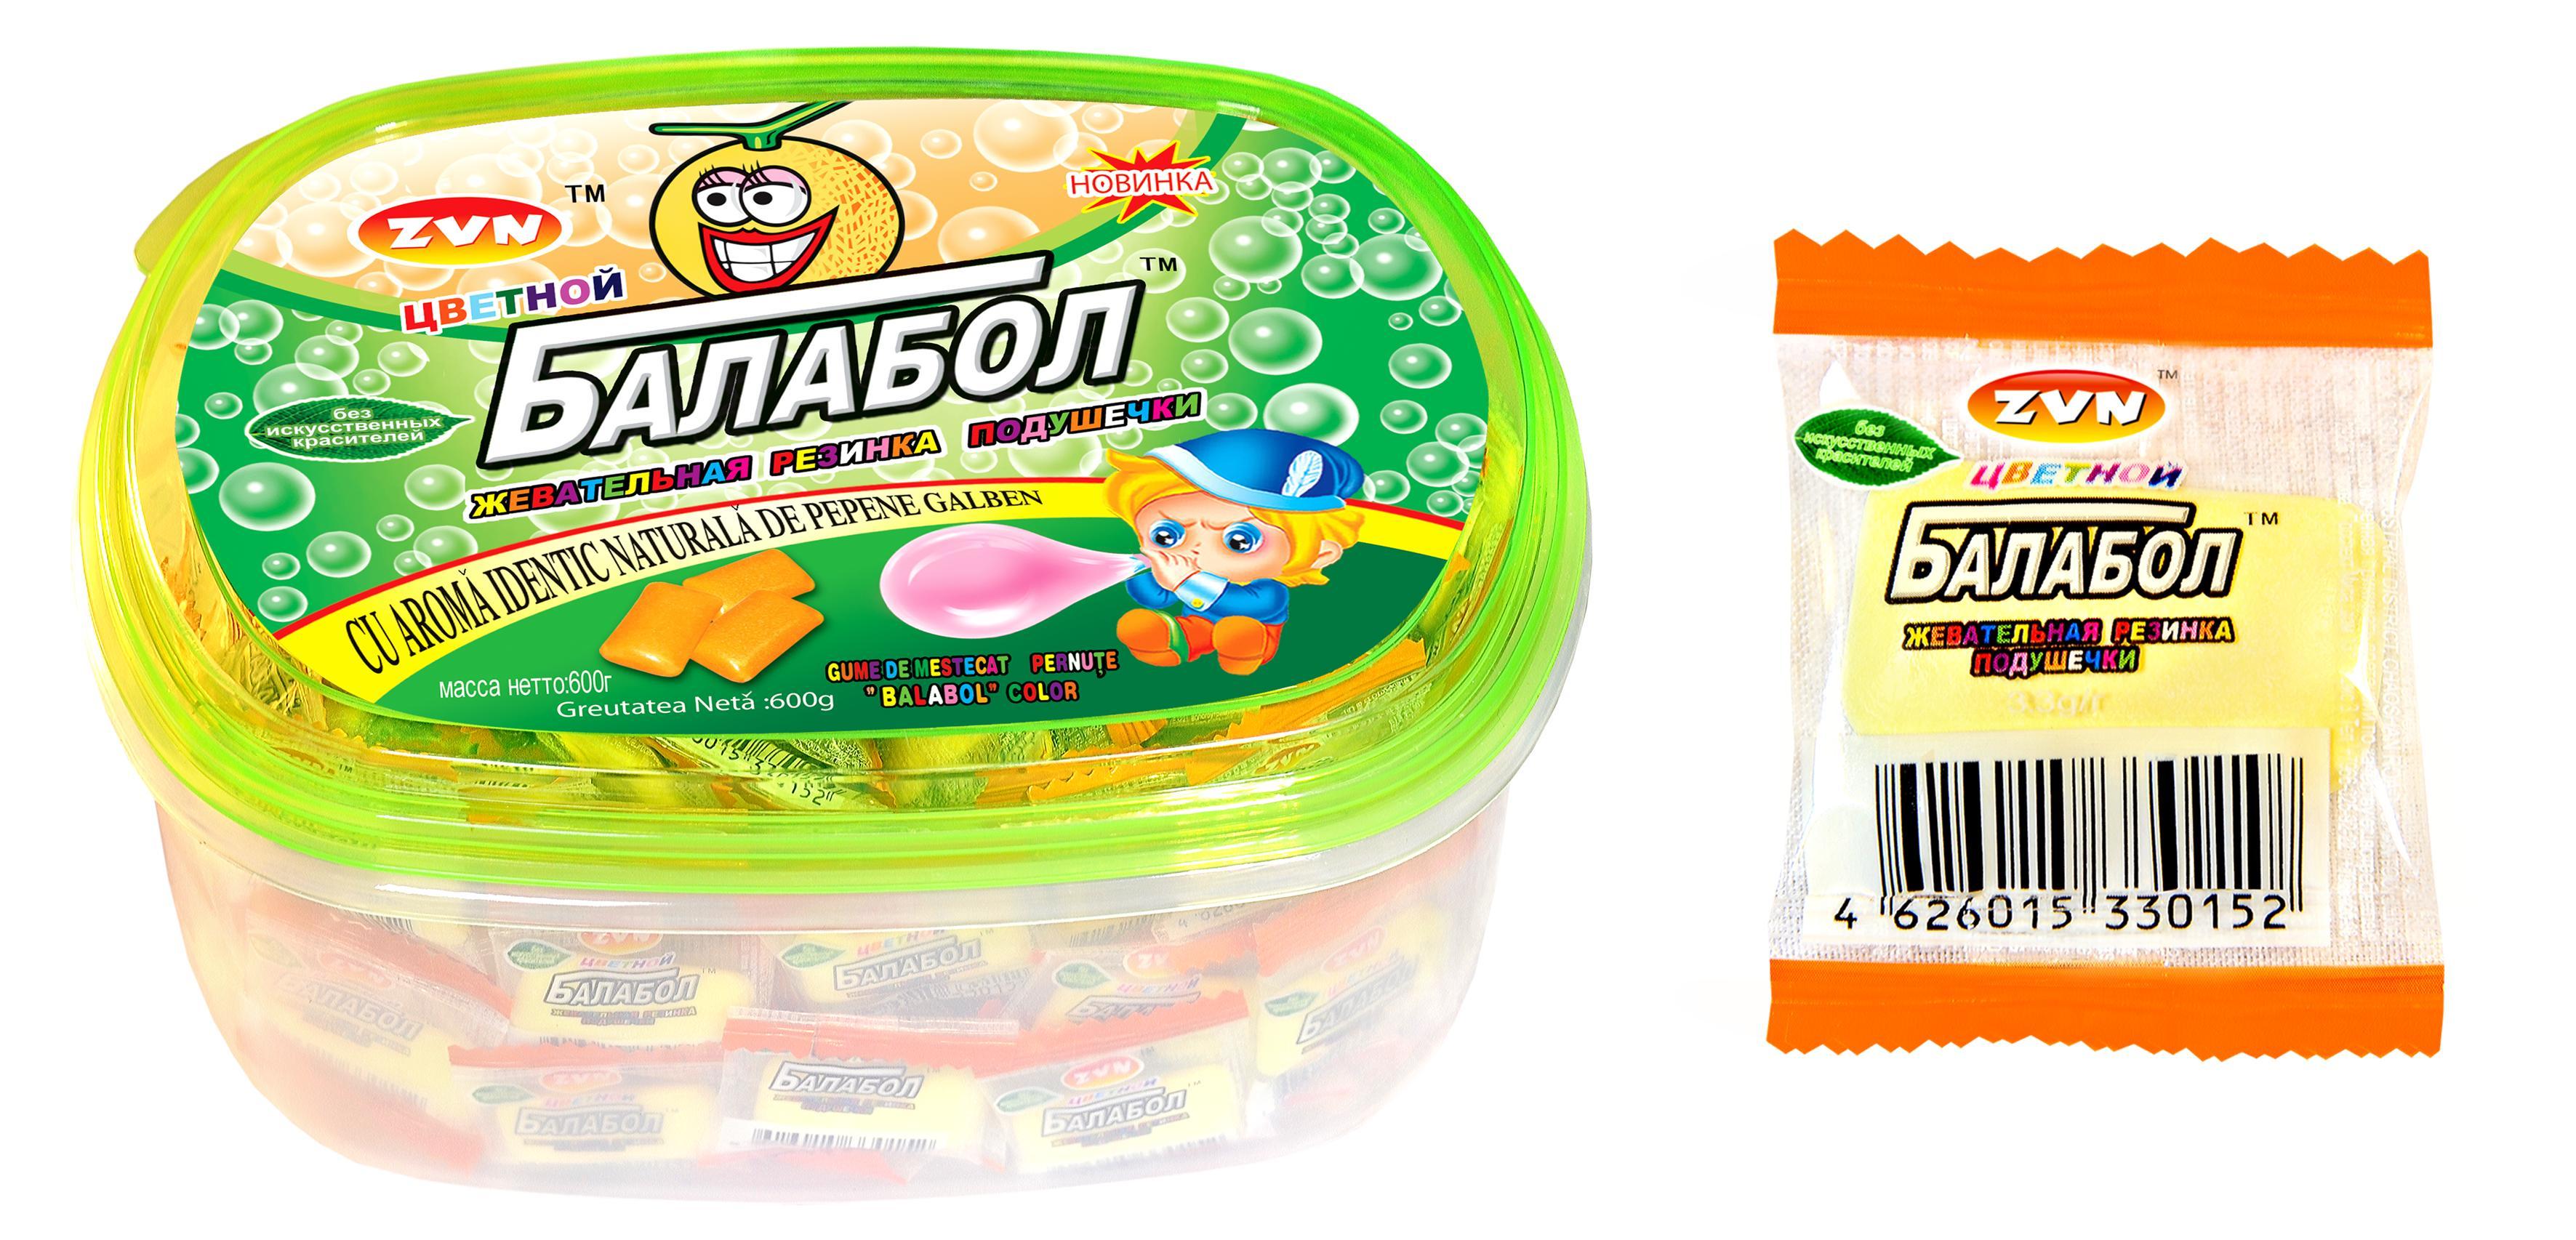 Жевательная резинка ZVN Цветной Балабол со вкусом Лимона и мяты